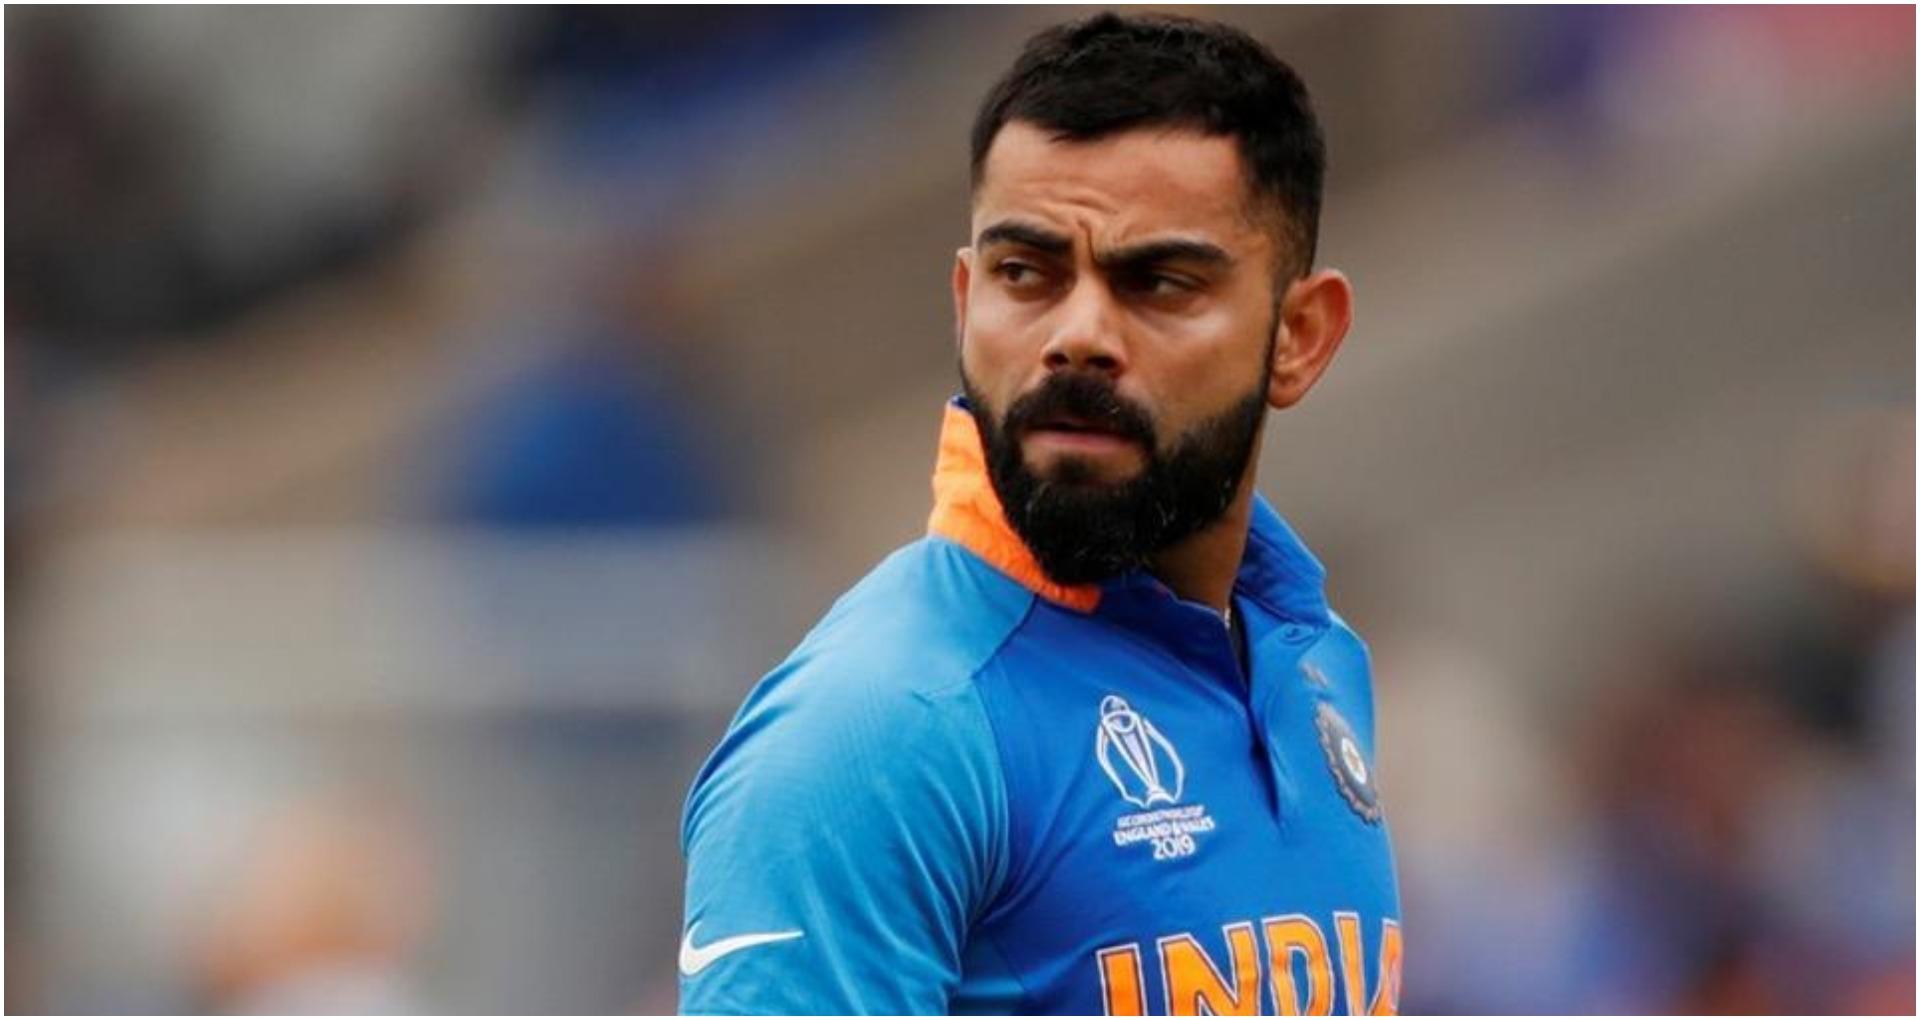 स्पोर्ट्स में सबसे ज्यादा पैसे कमाने वाले एक मात्र खिलाड़ी हैं विराट कोहली, जानिए भारतीय कप्तान की कमाई